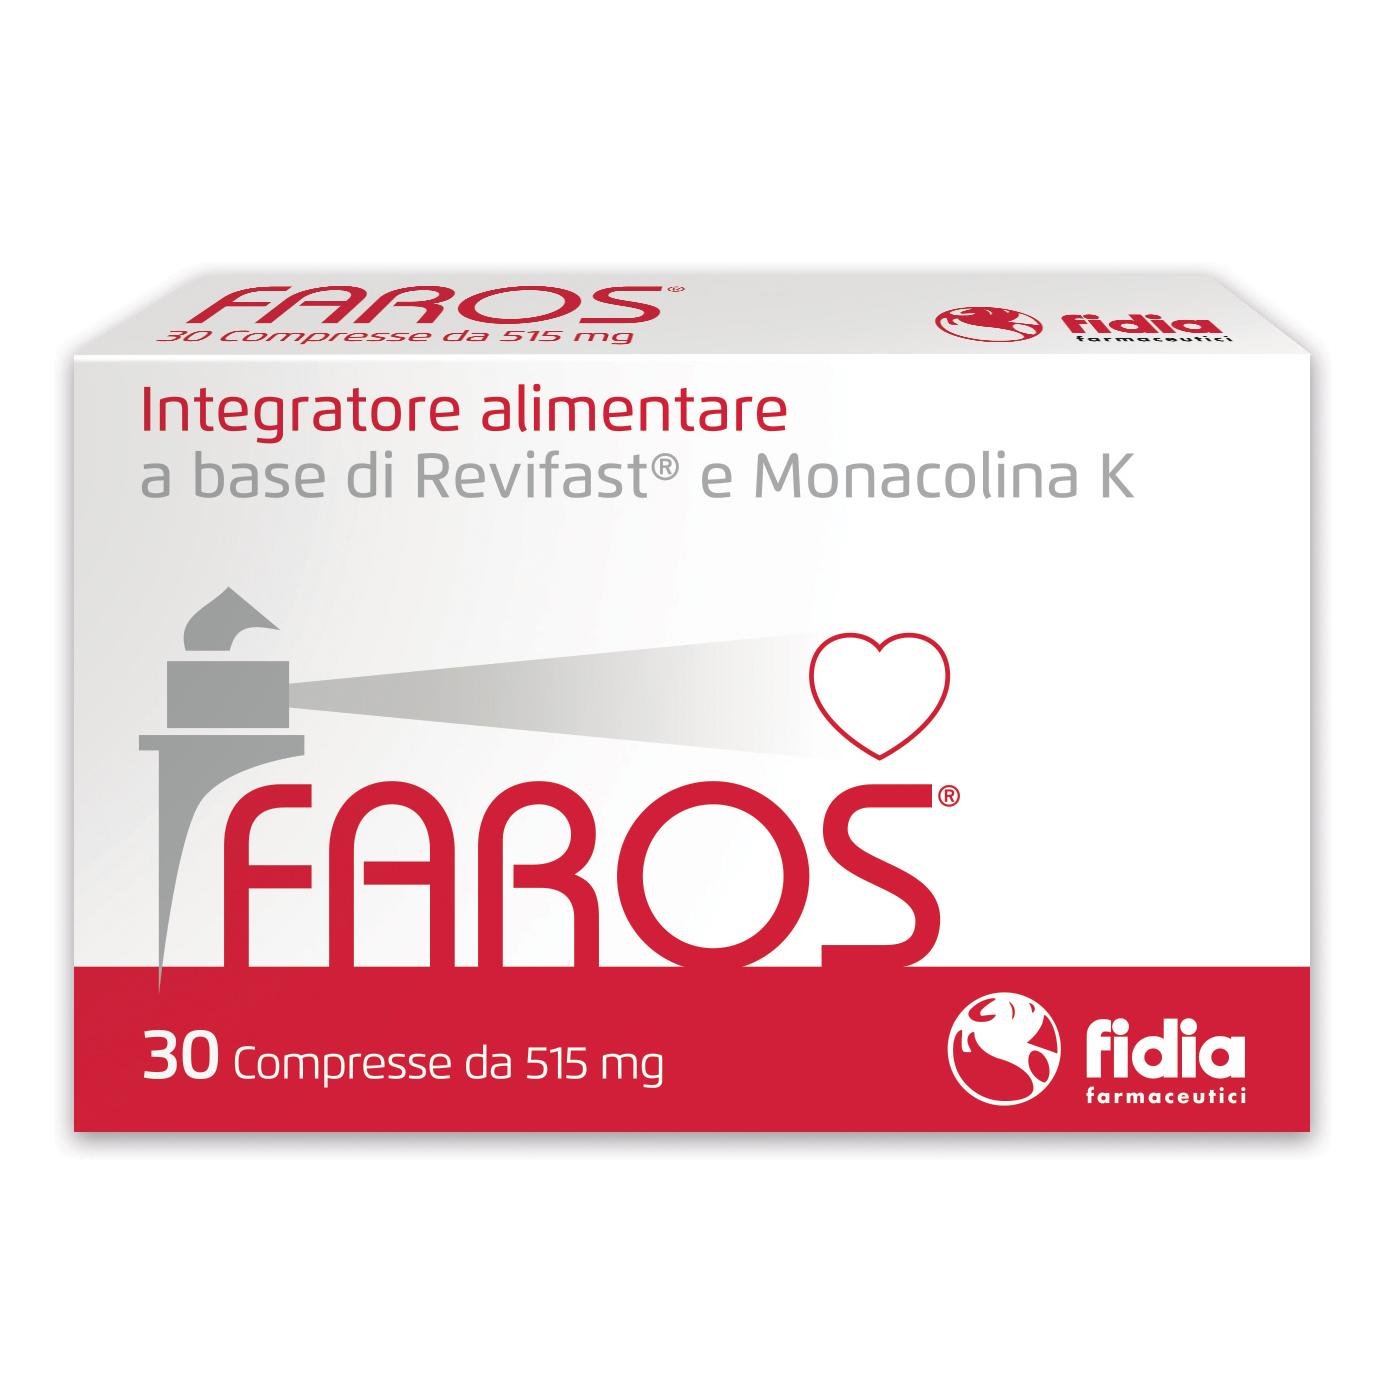 Faros integratore alimentare 30 compresse